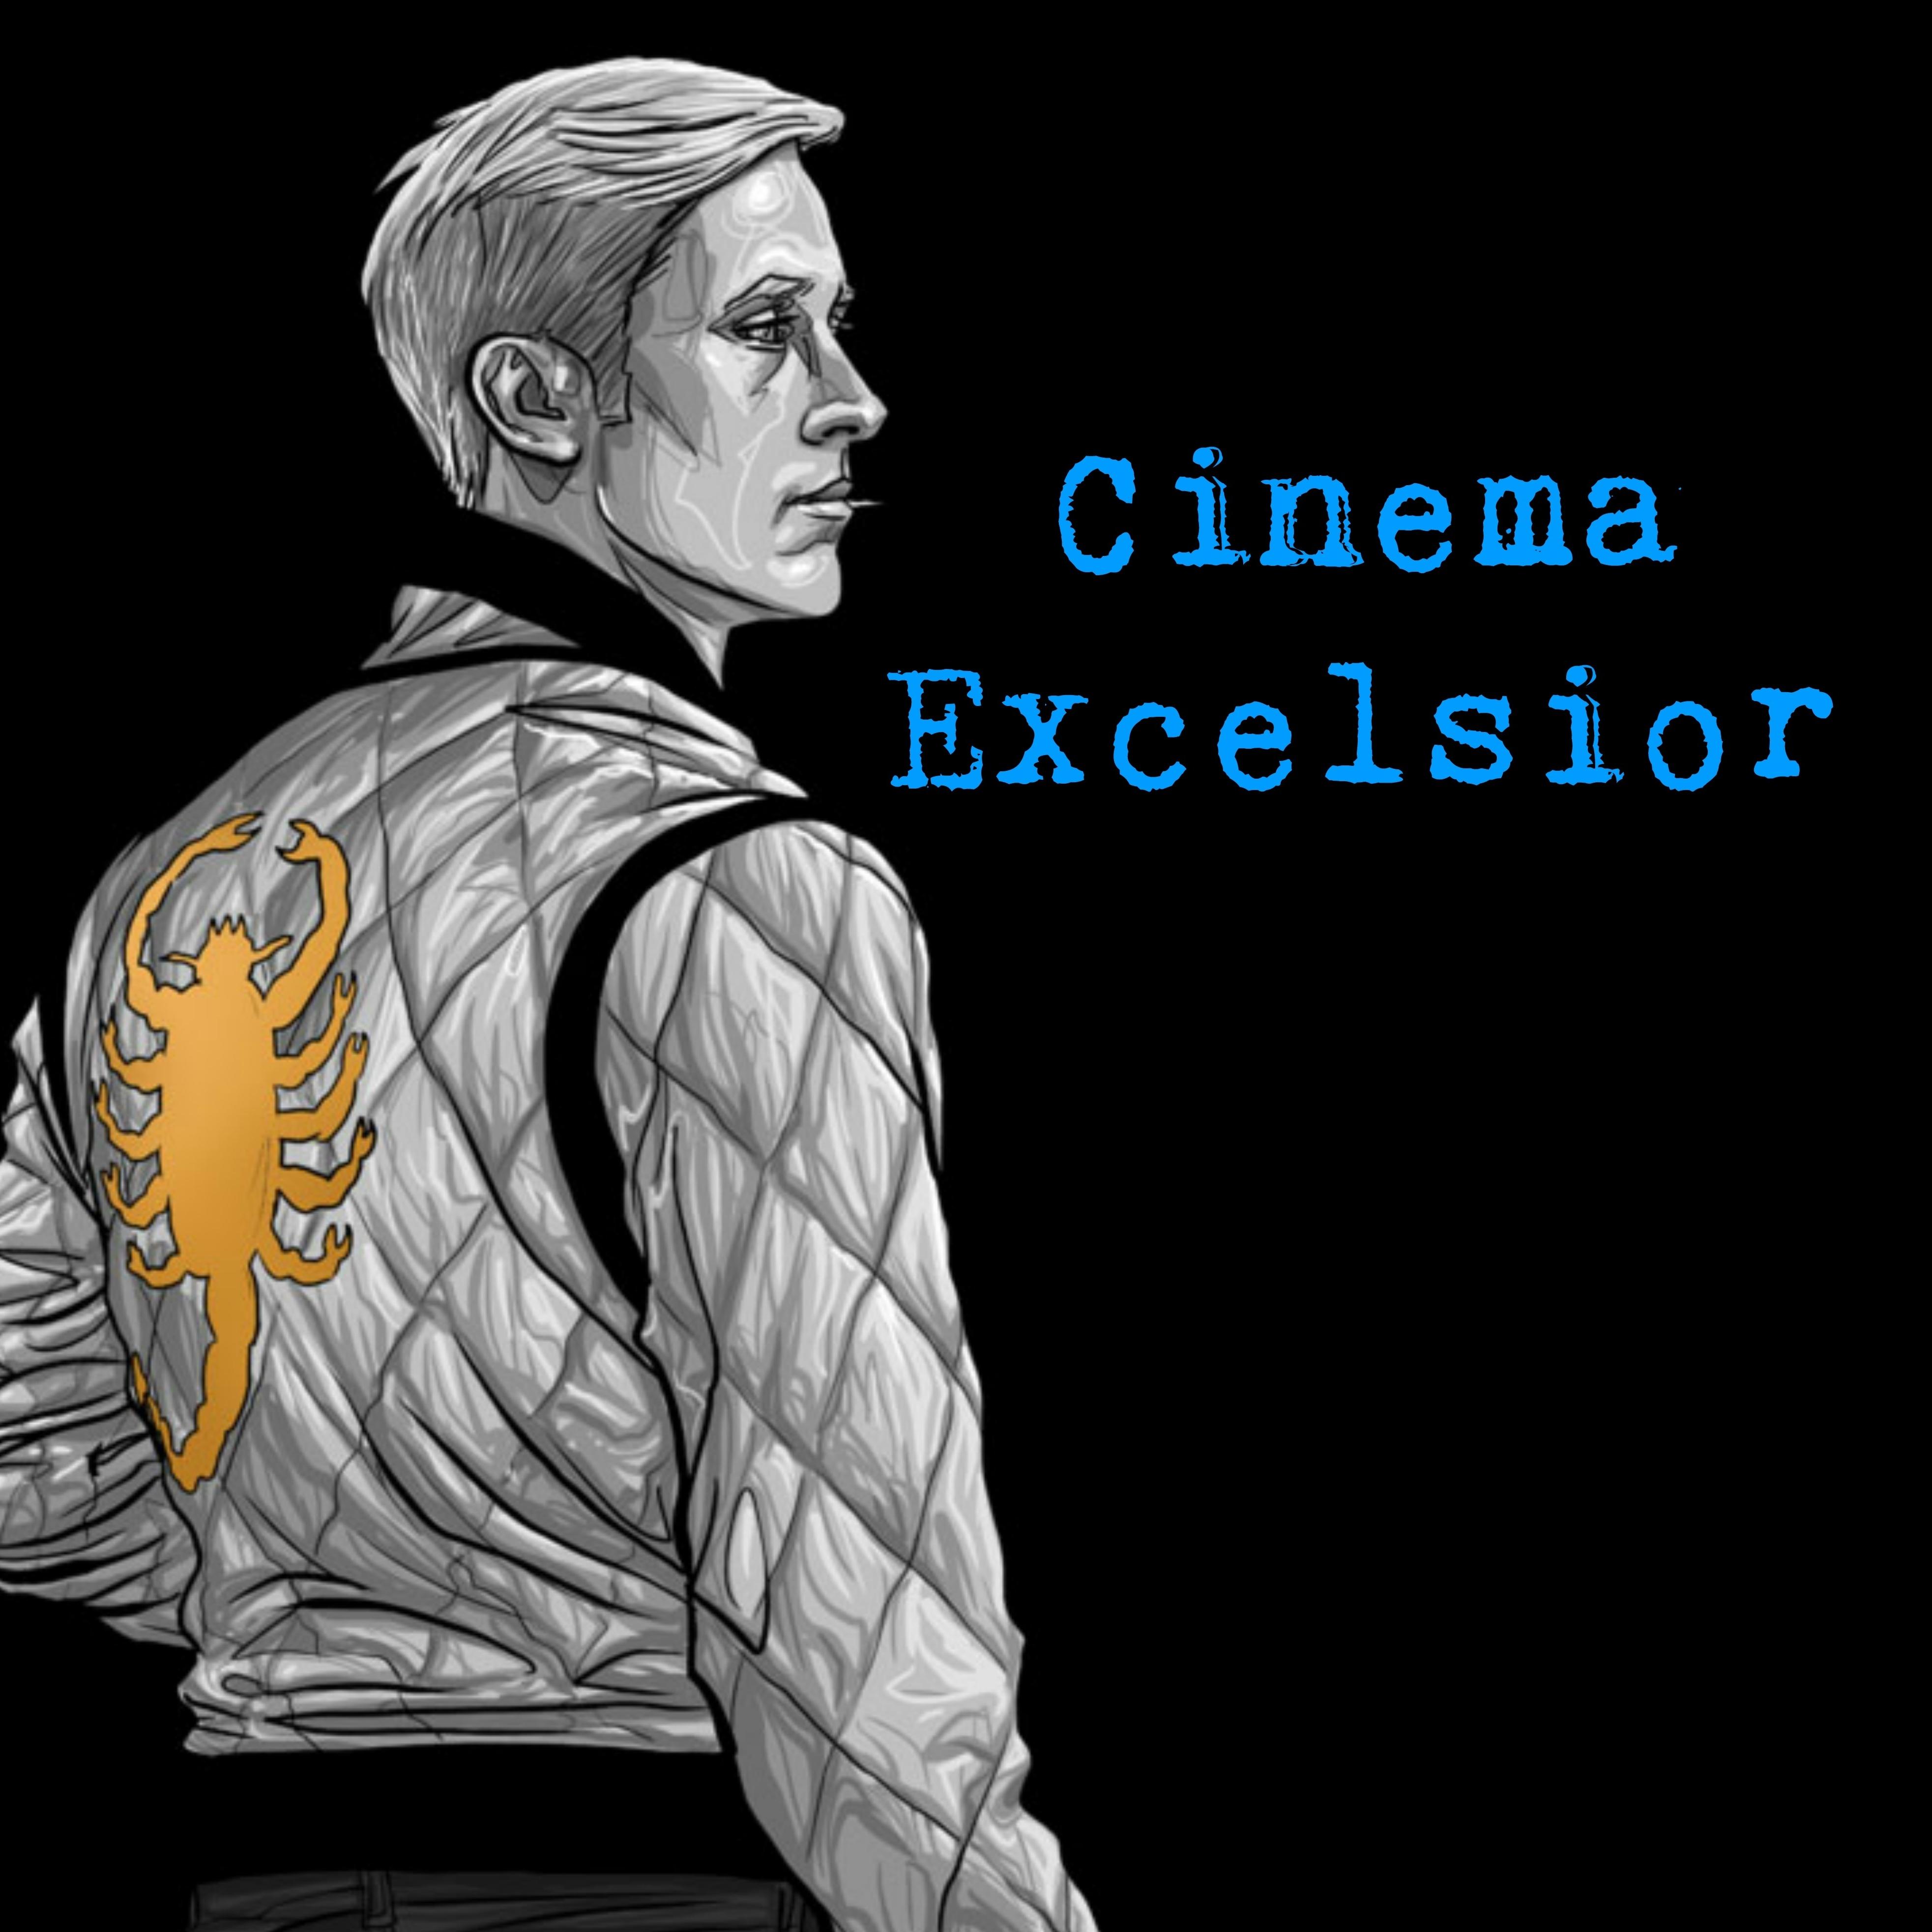 cinema_excelsior